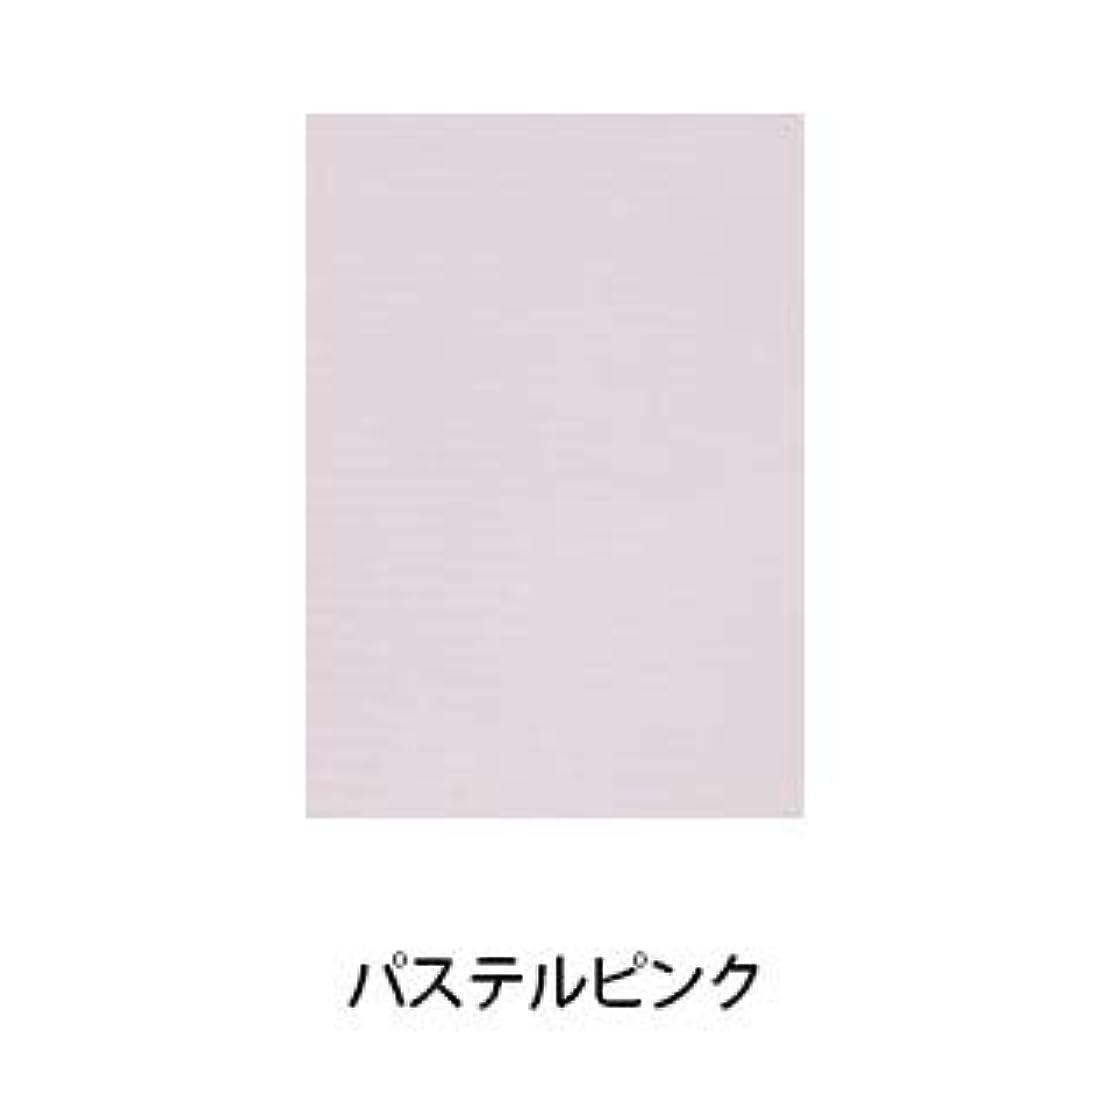 キャンドル更新肯定的【パステルシリーズ】100枚入り ネイルシート ペーパークロス (パステルピンク)